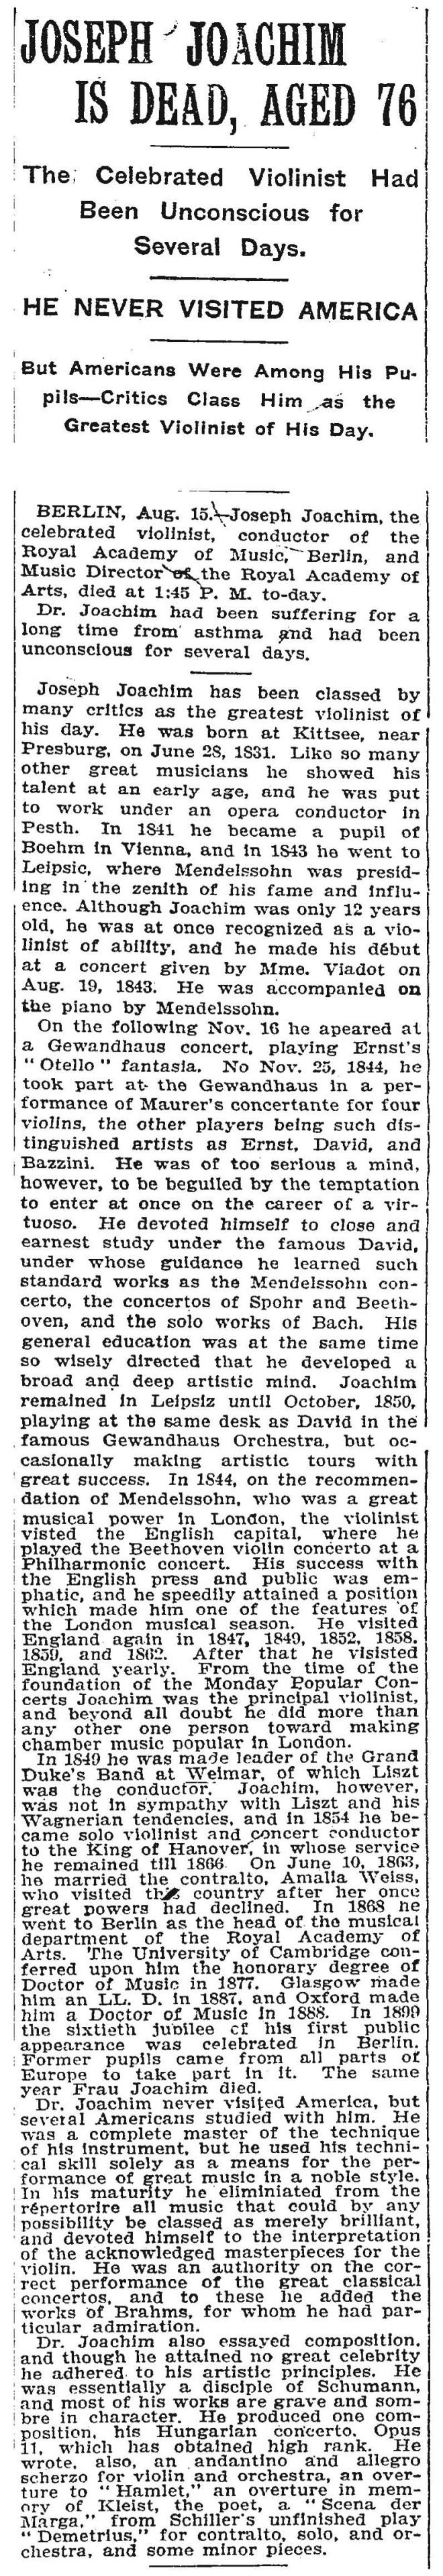 NY Times Obituary